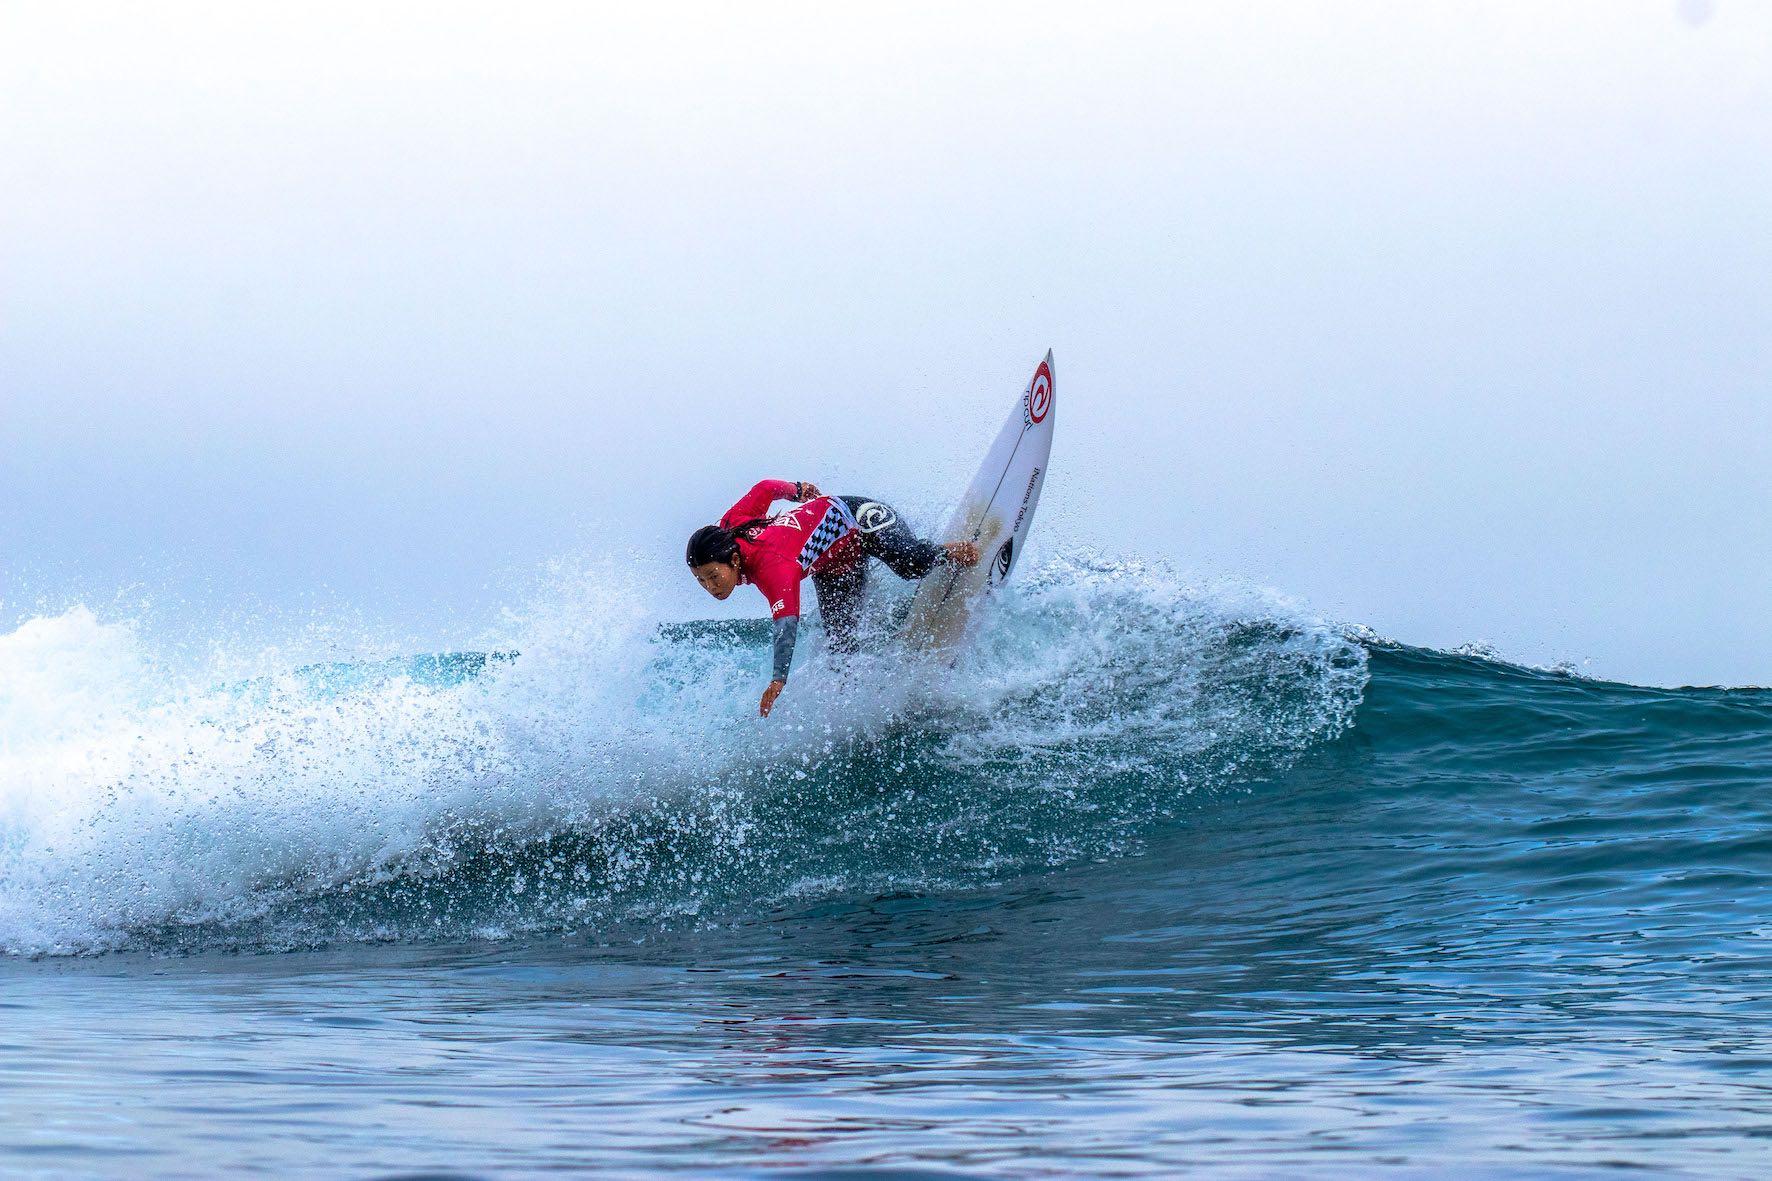 Hinako Kurokawa surfing in the 2019 Vans Surf Pro Classic